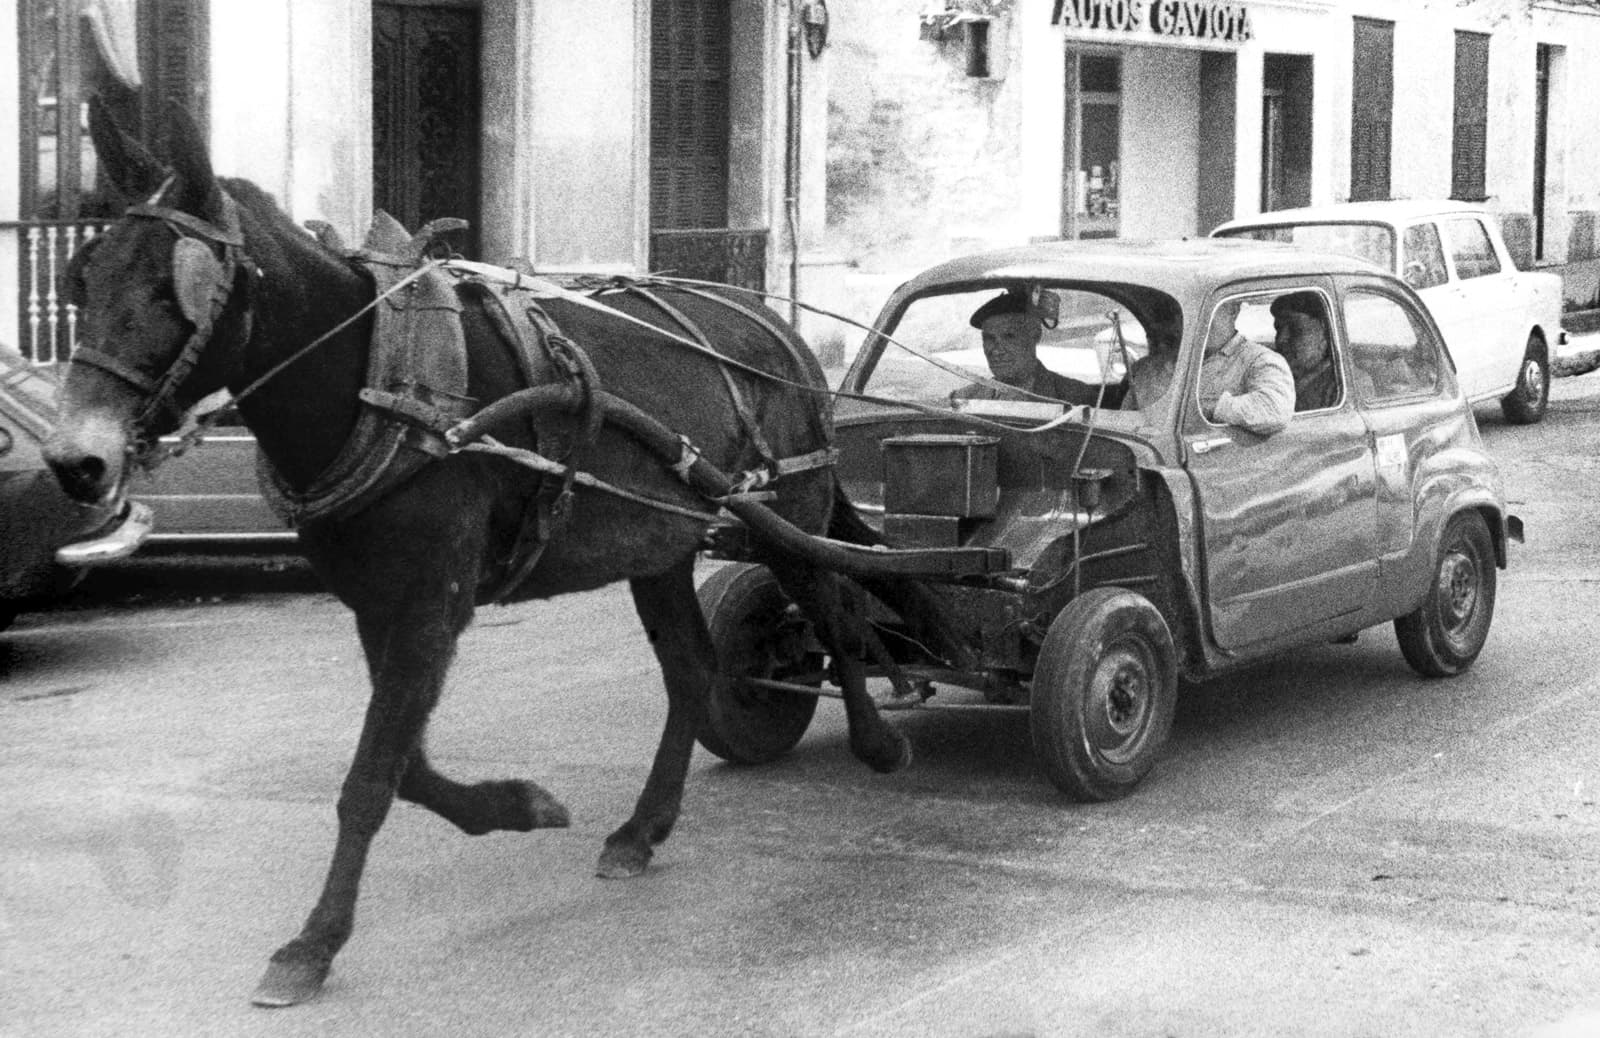 Un Seat 600 sense motor arrossegat per un burro, a Menorca, durant la crisi del petroli del 1974. Fotografia d'Efe.